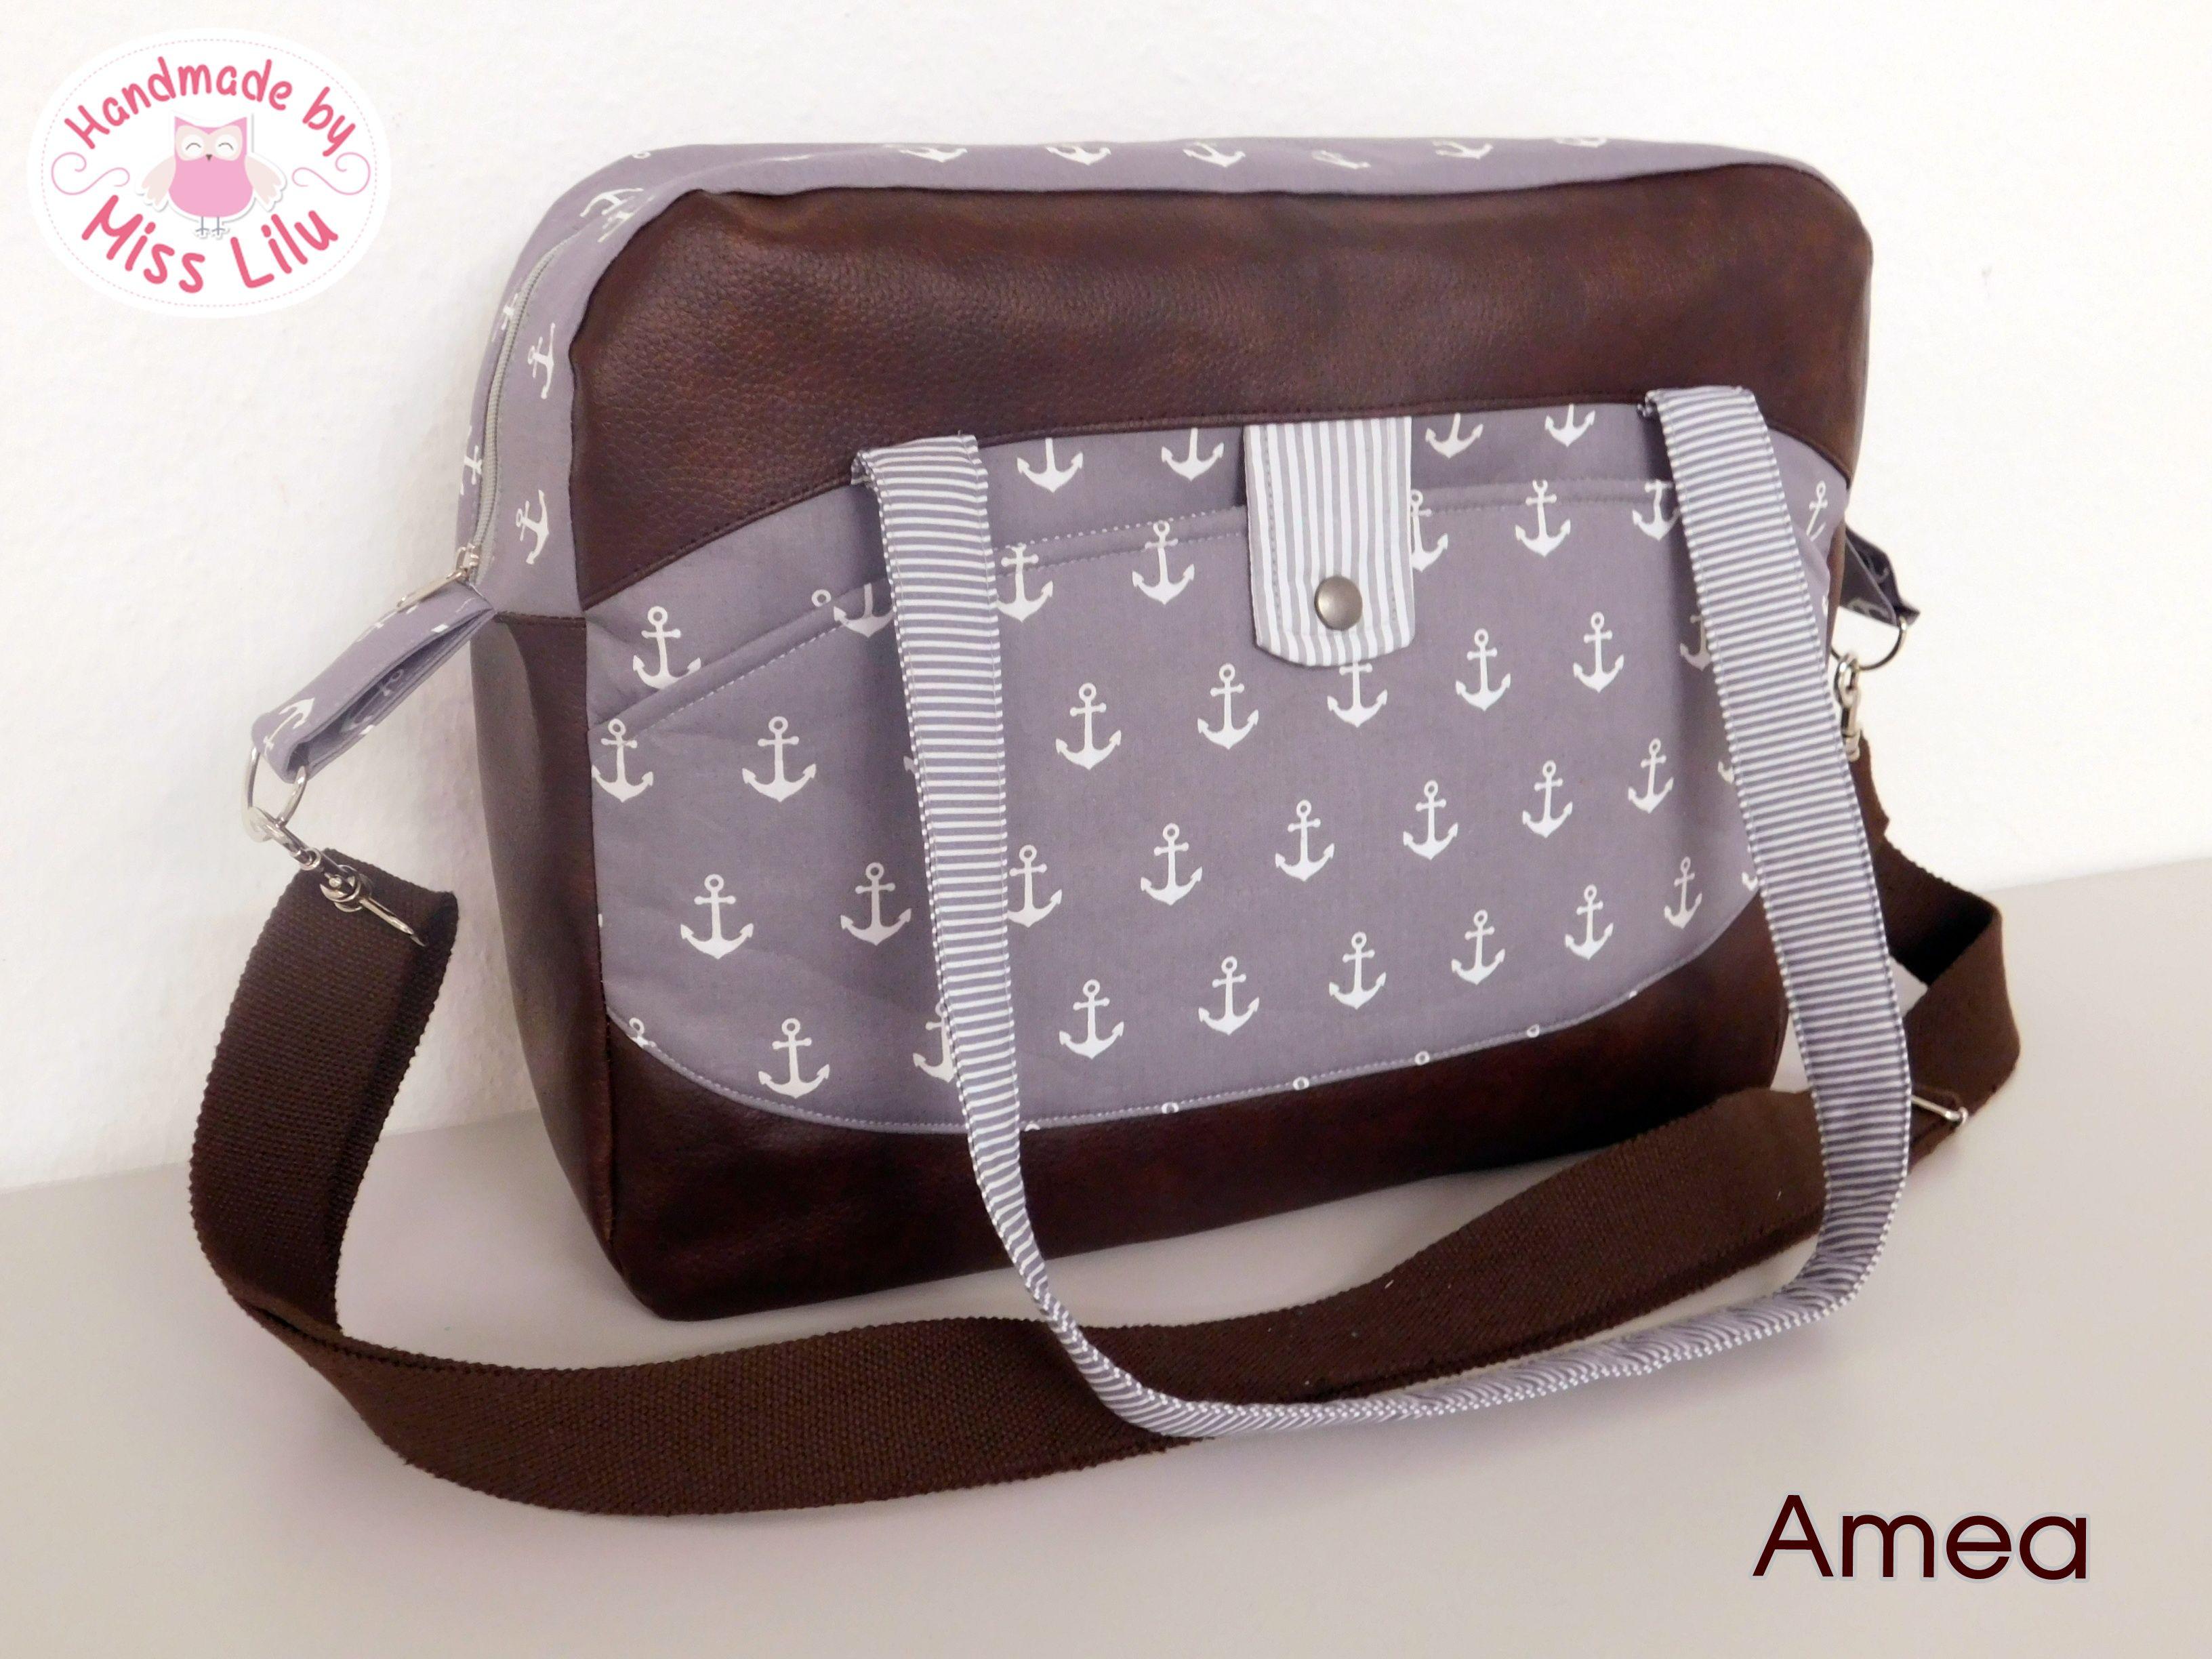 Tasche Amea Ebook Von Handmade By Miss Lilu Taschen Projekte